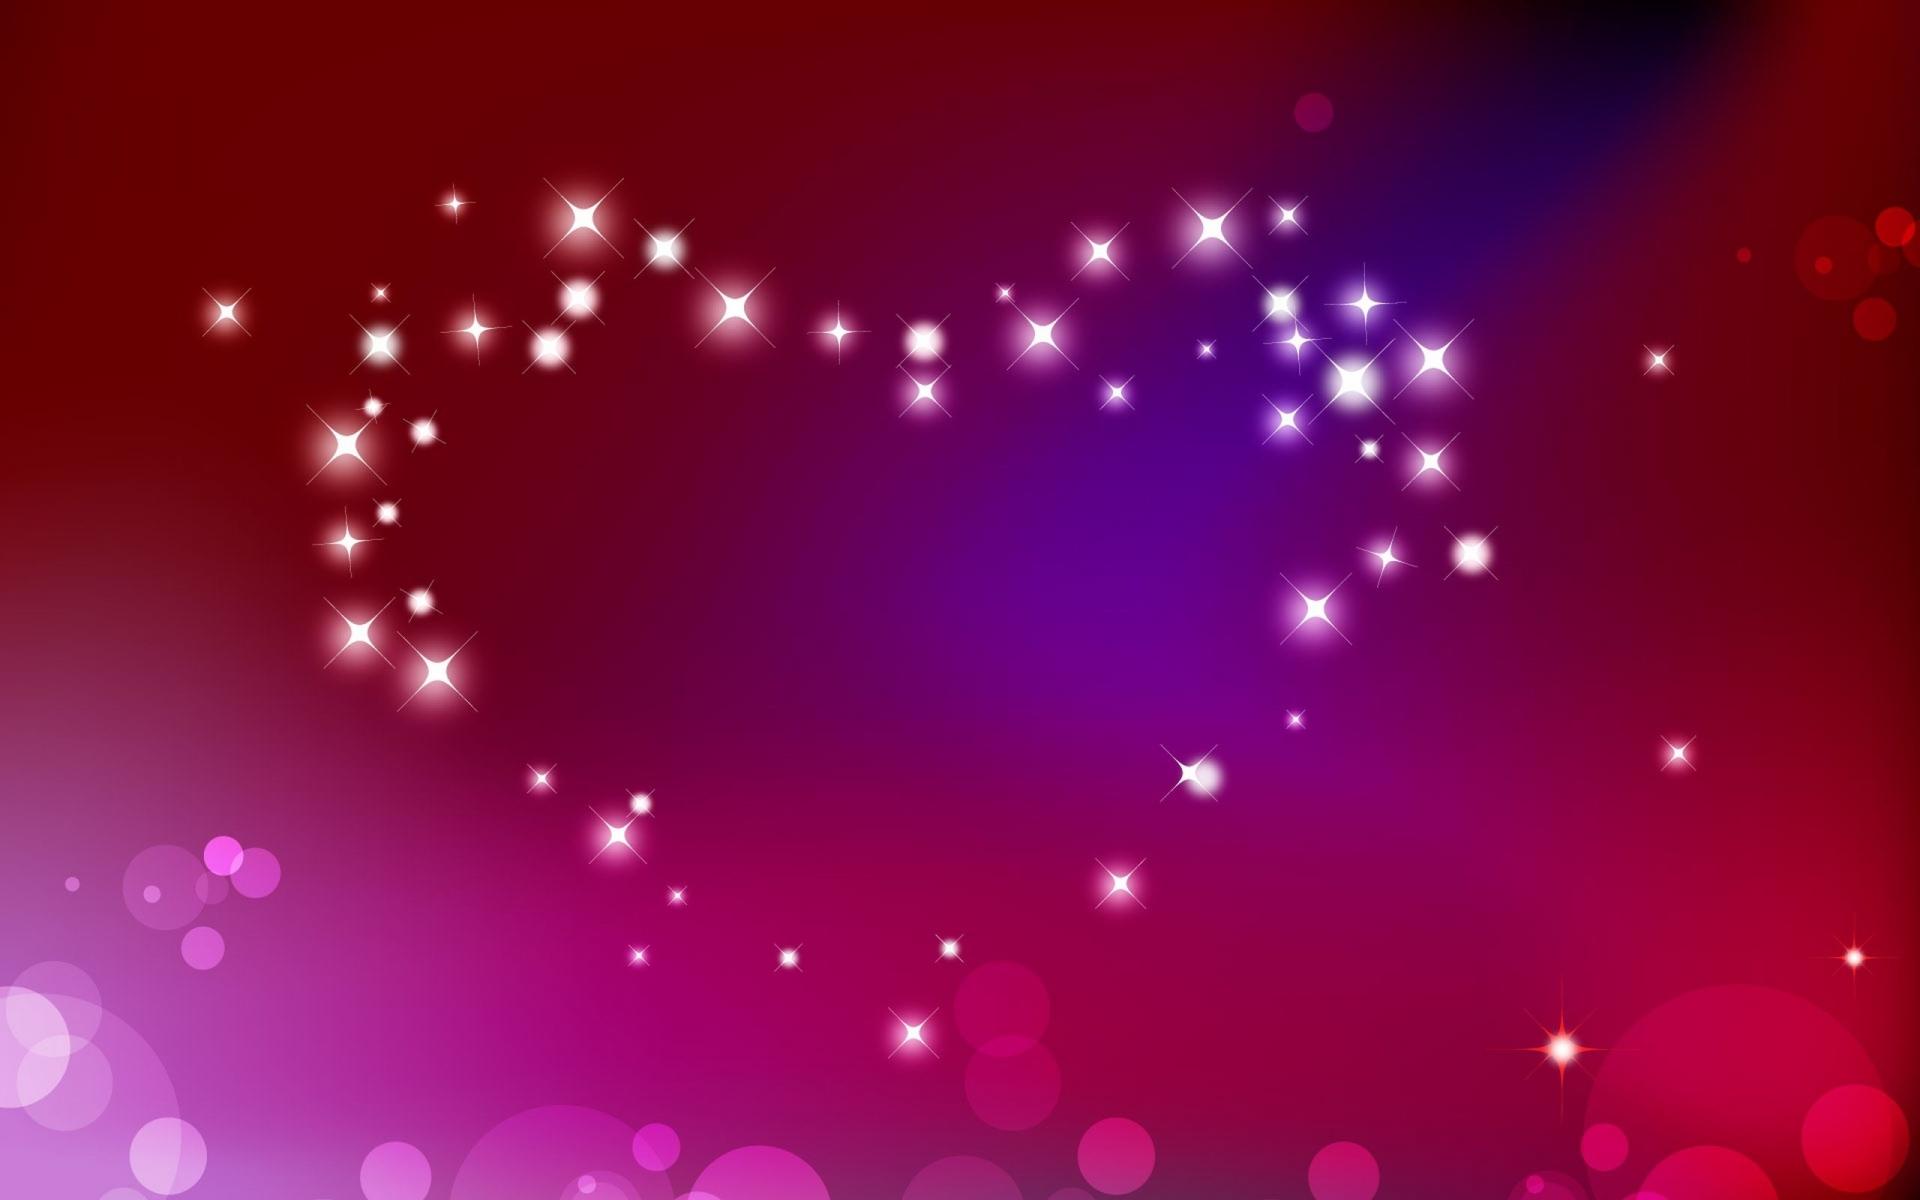 Картинки сердце, абстракция, яркий свет, блеск фото и обои на рабочий стол